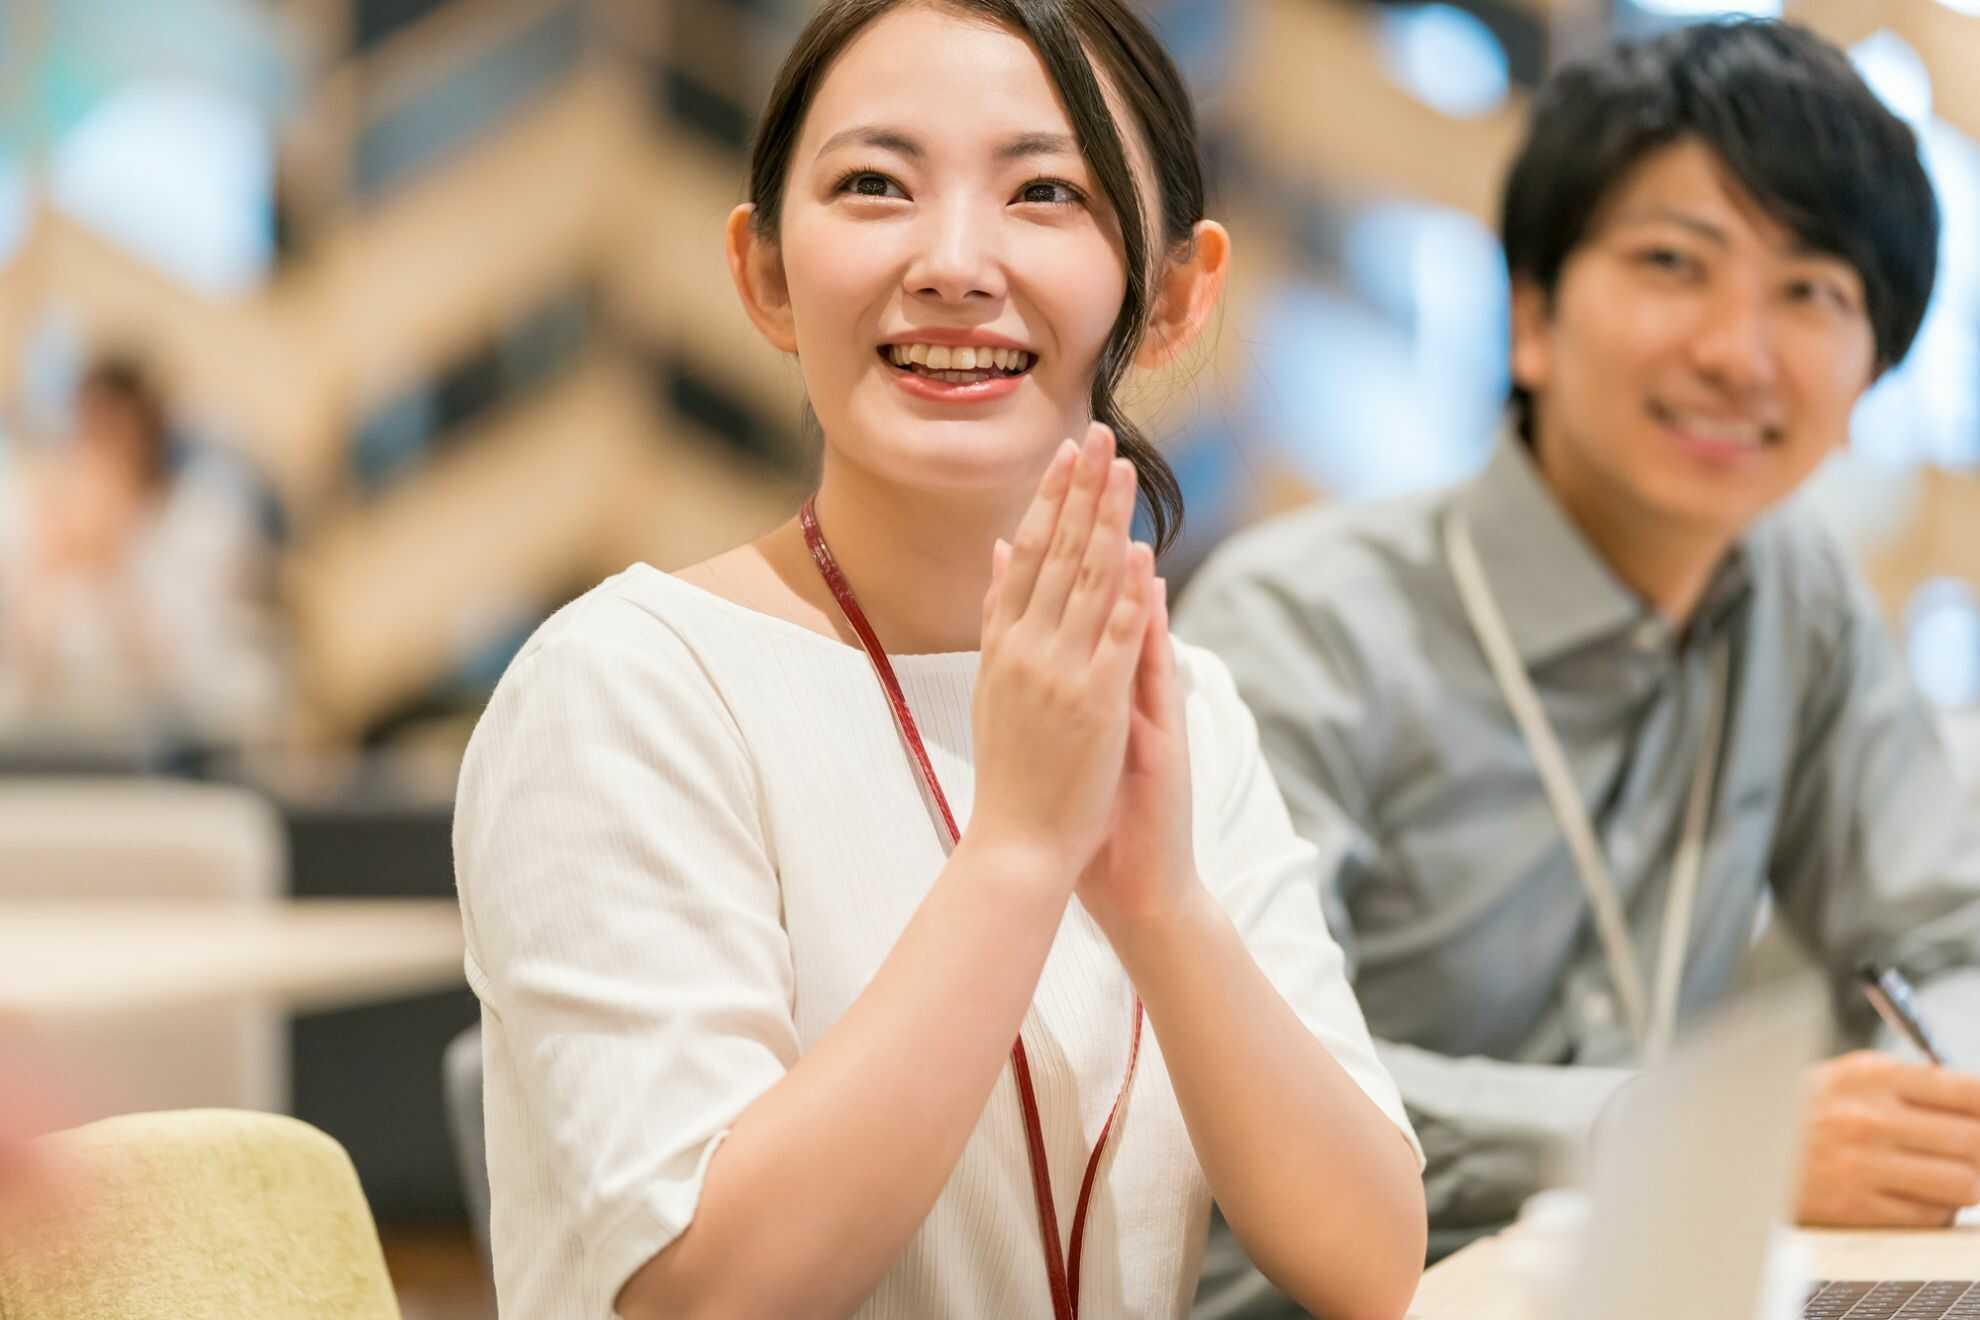 顔の前で拍手をしている女性